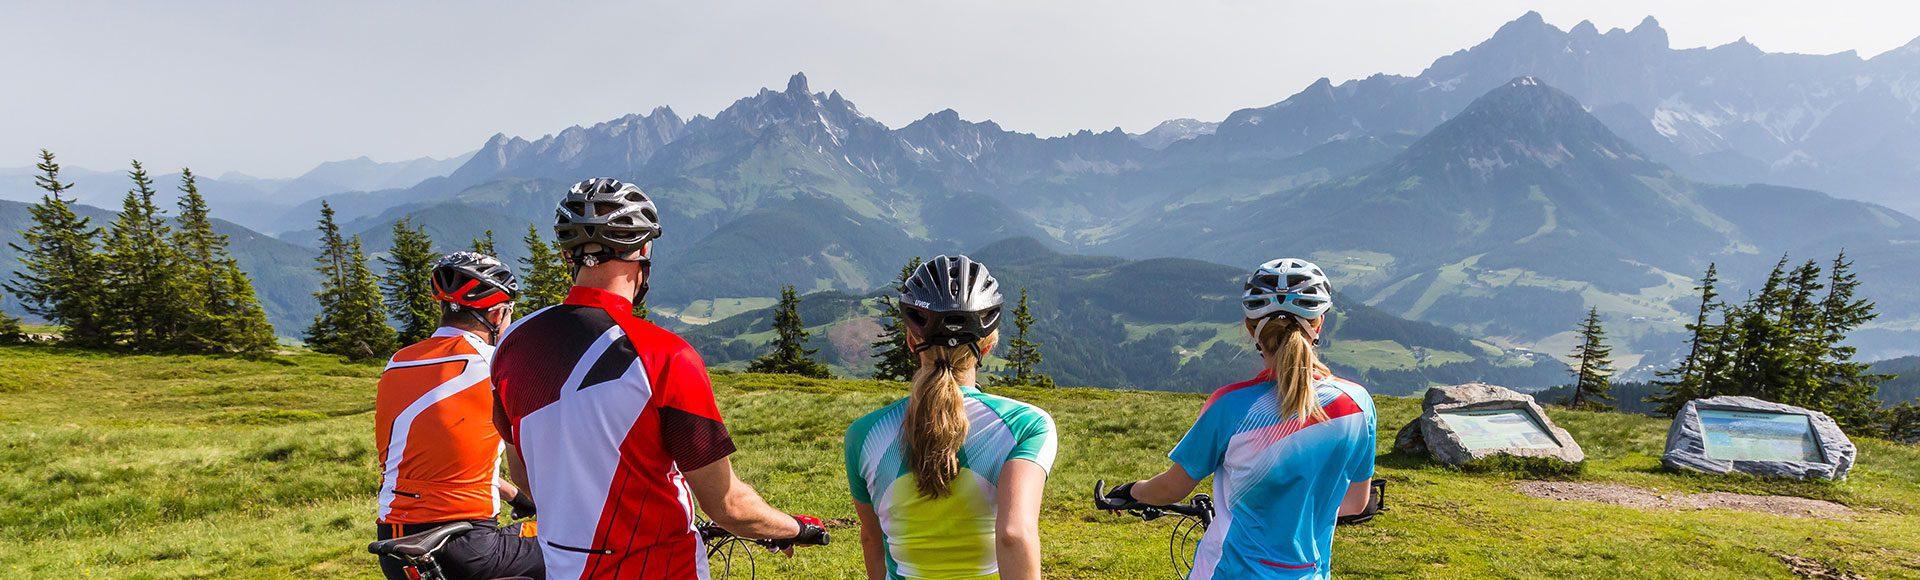 Radfahren Salzburger Sportwelt Coen Weesjes 2